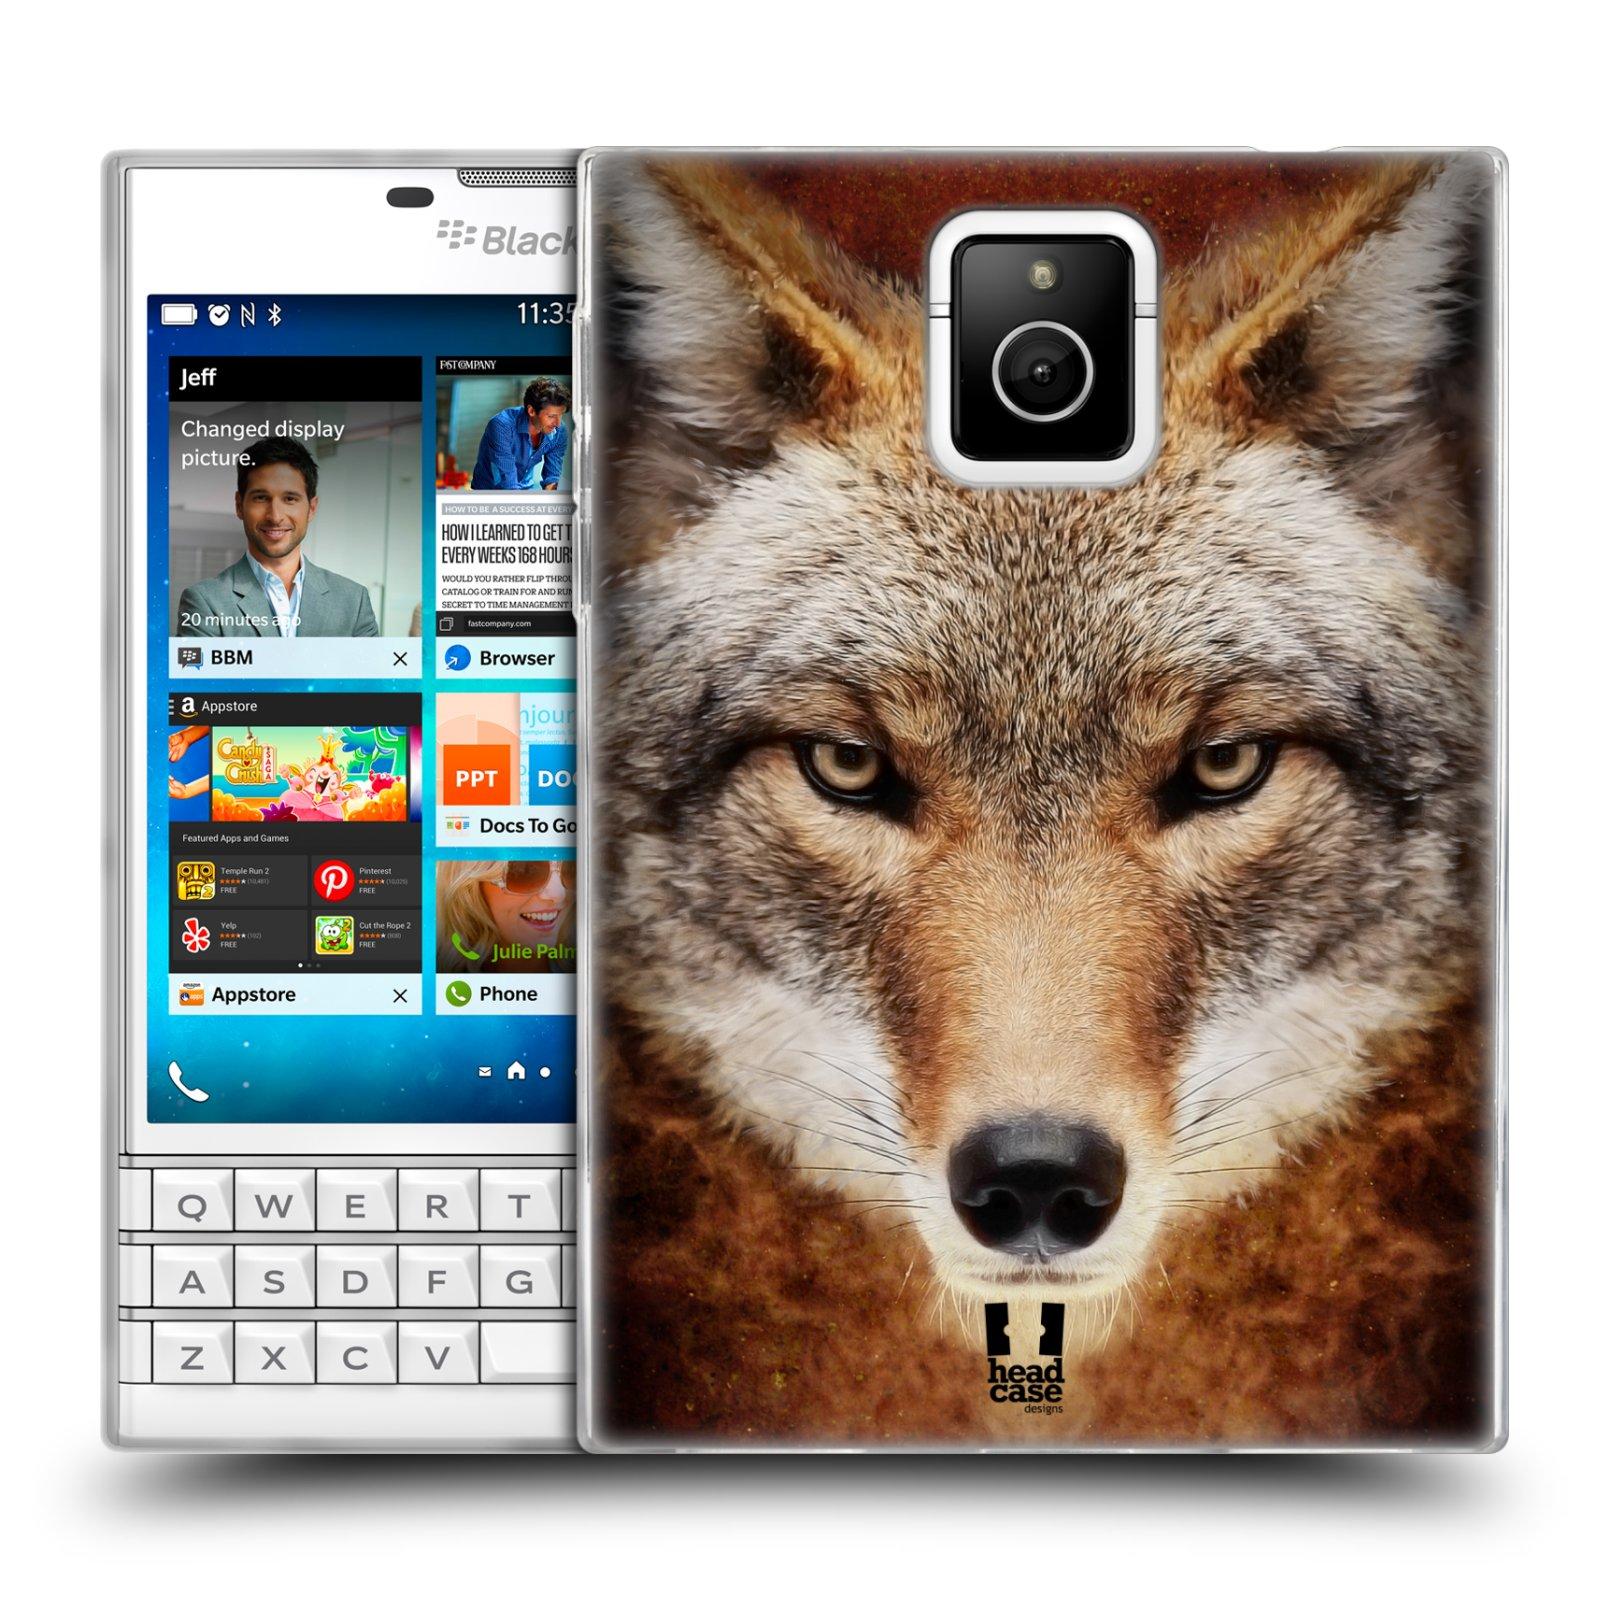 HEAD CASE silikonový obal na mobil Blackberry PASSPORT vzor Zvířecí tváře kojot